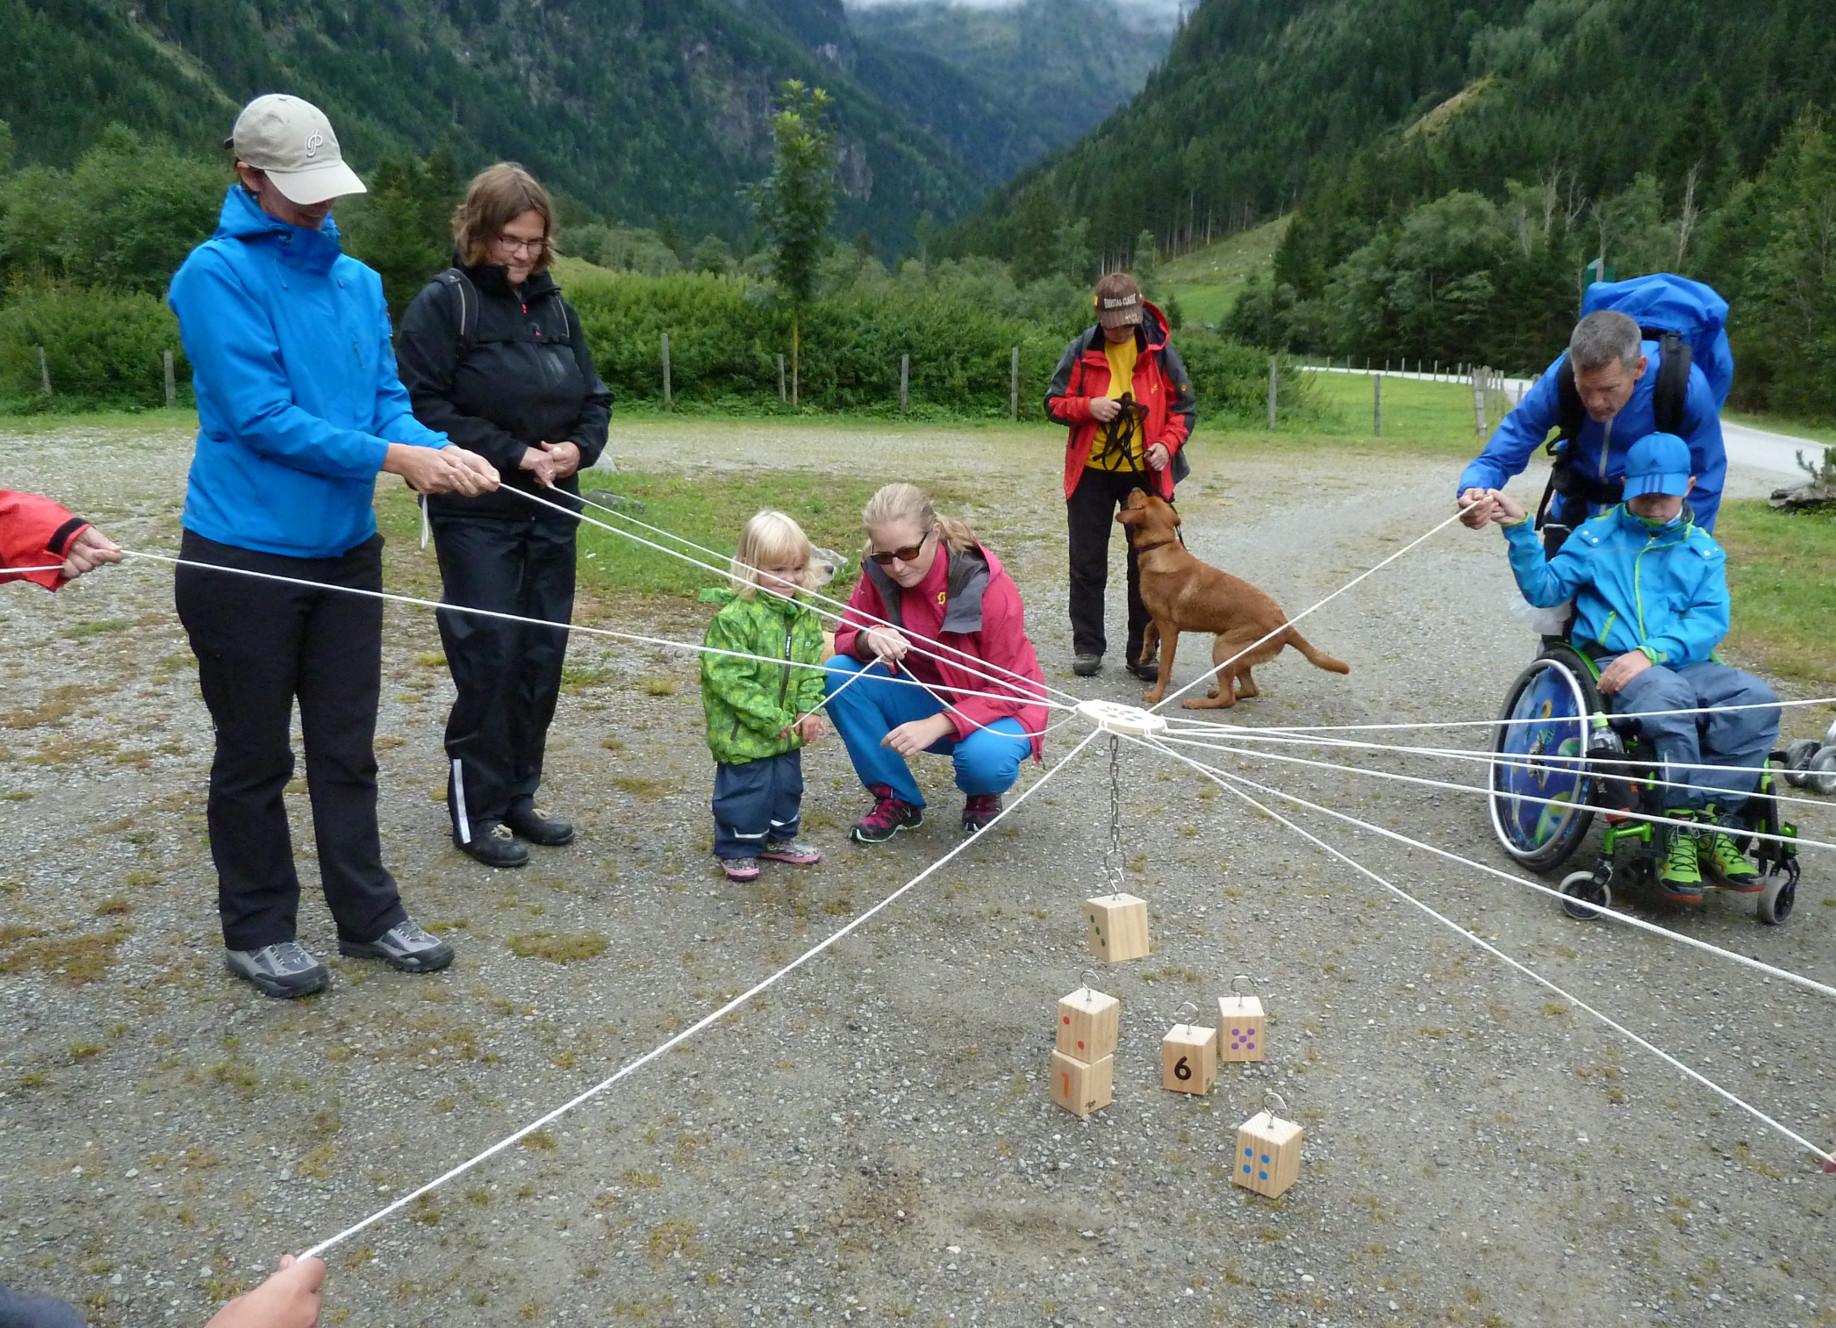 Erlebnispädagogische Spiele beim barrierefreien Familien-Abenteuer-Urlaub